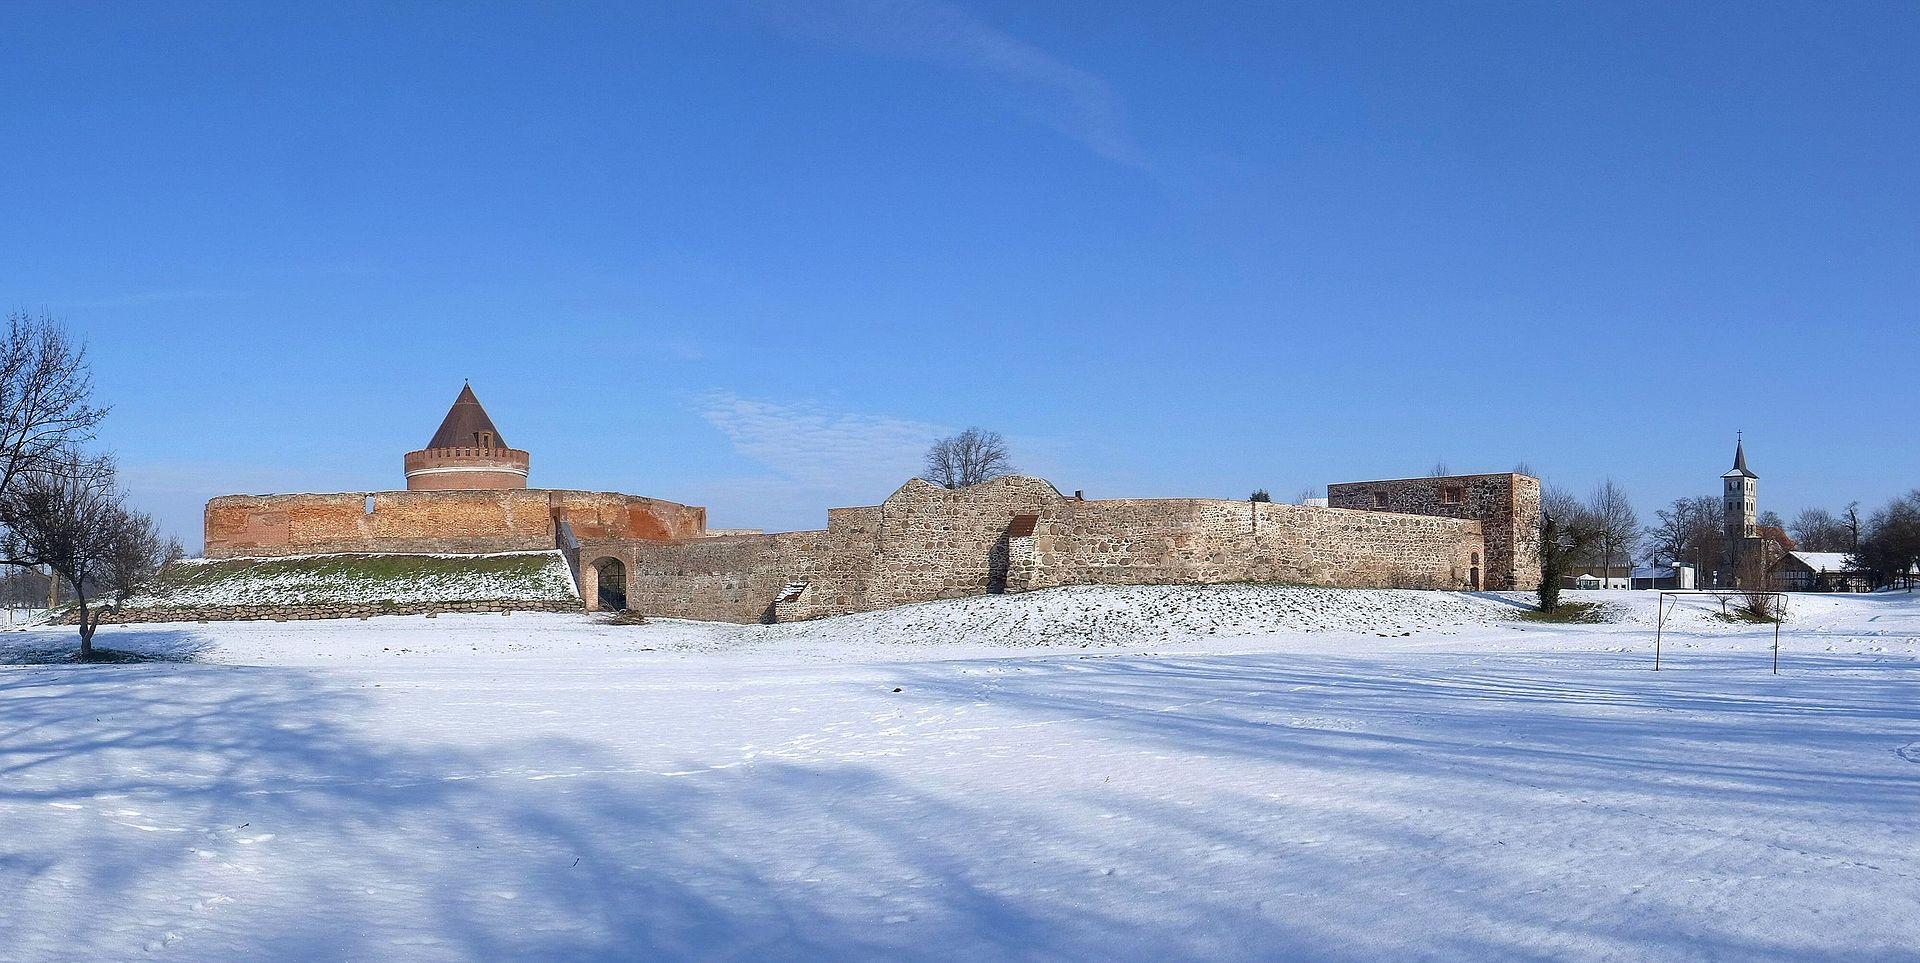 Burg_Lindau,Zerbst(Anhalt).jpg